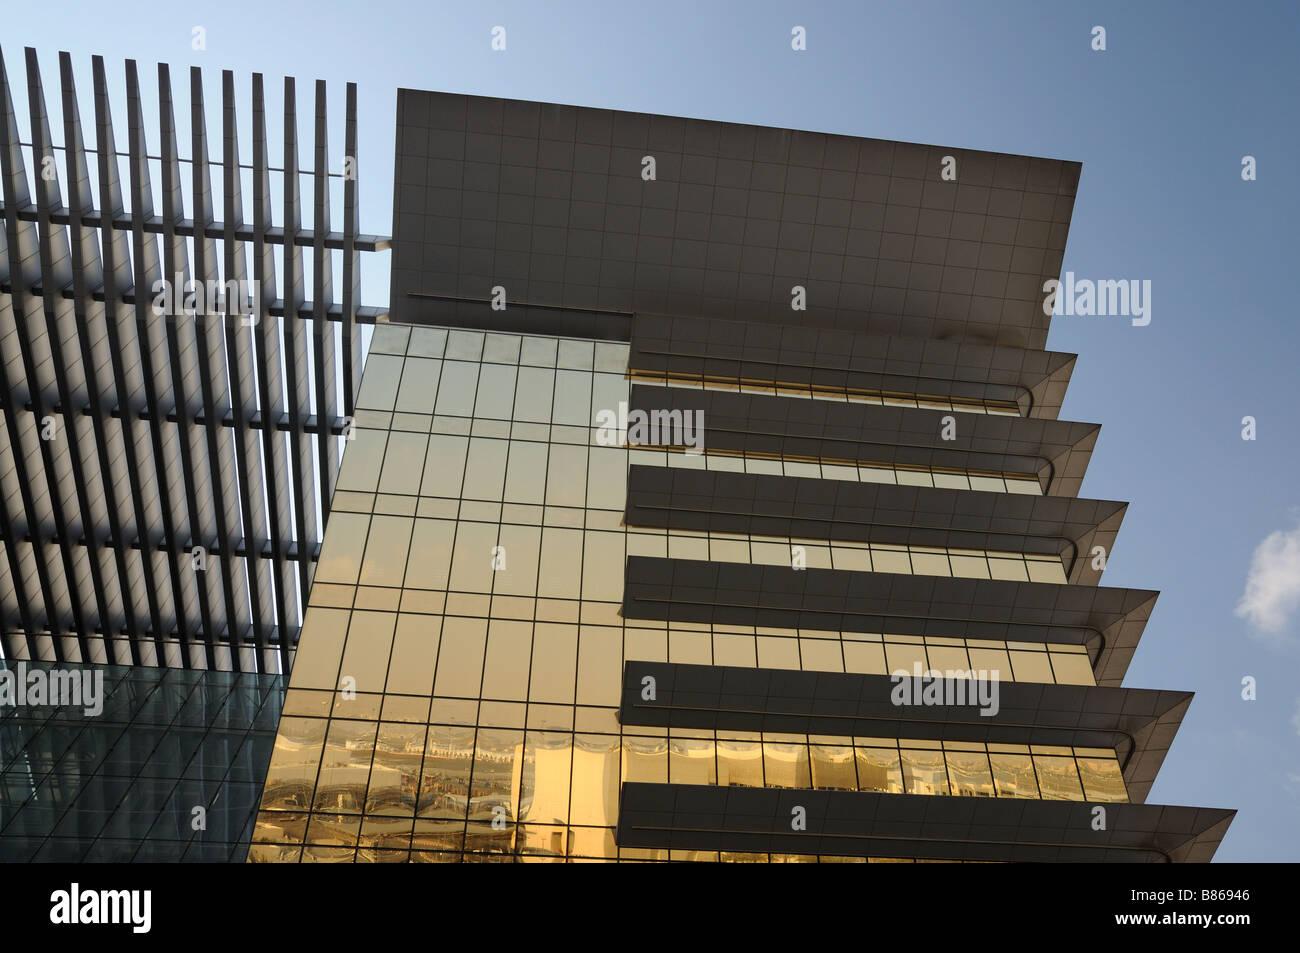 Modern architecture in Dubai city - Stock Image